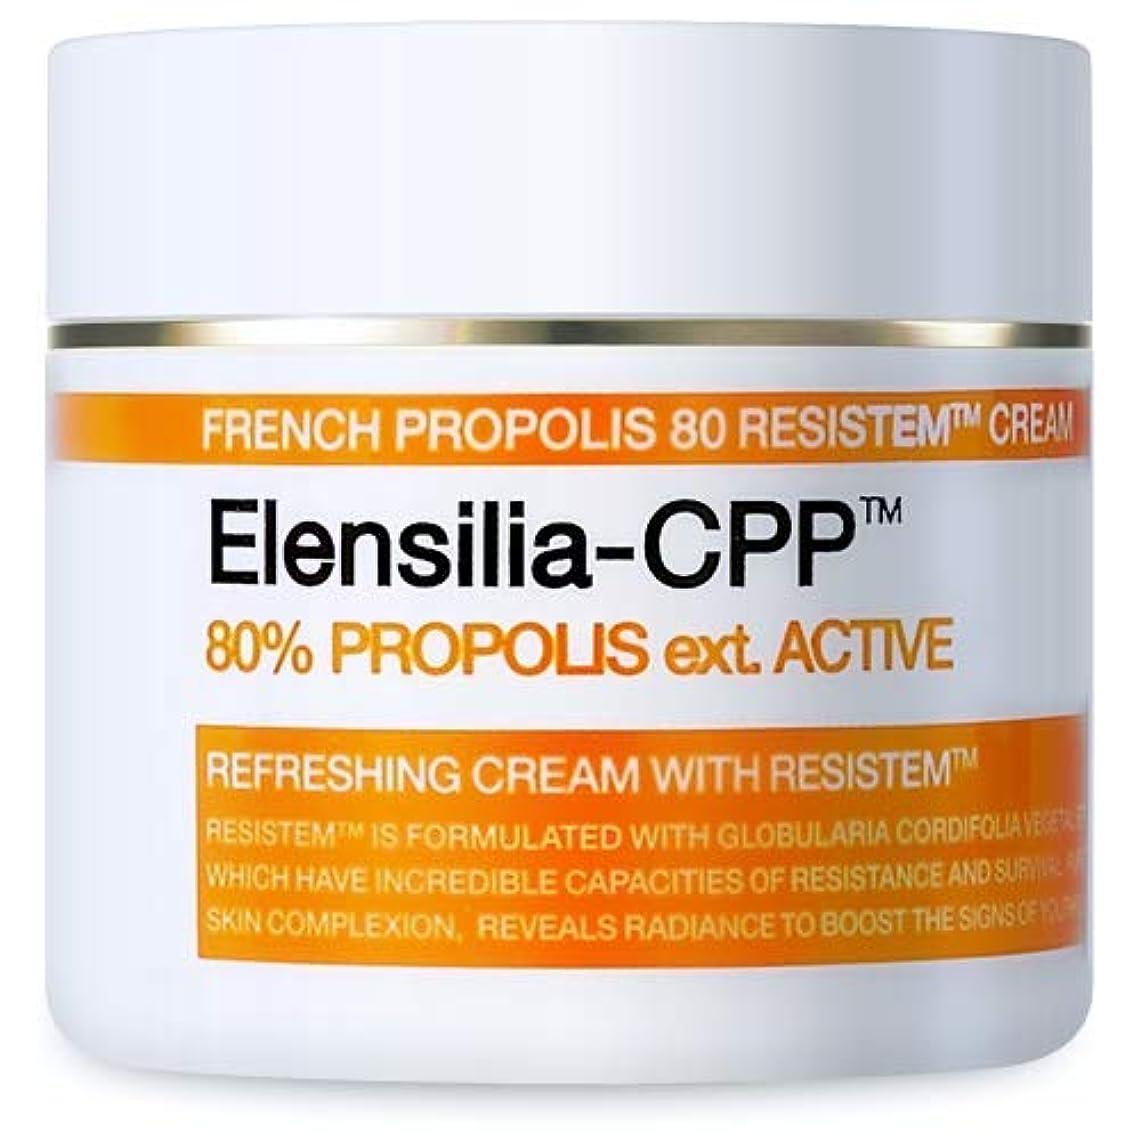 結晶気味の悪い太字Elensilia CPP フレンチ プロポリス 80 リシステム クリーム / CPP French Propolis 80 Resistem Cream (50g) [並行輸入品]